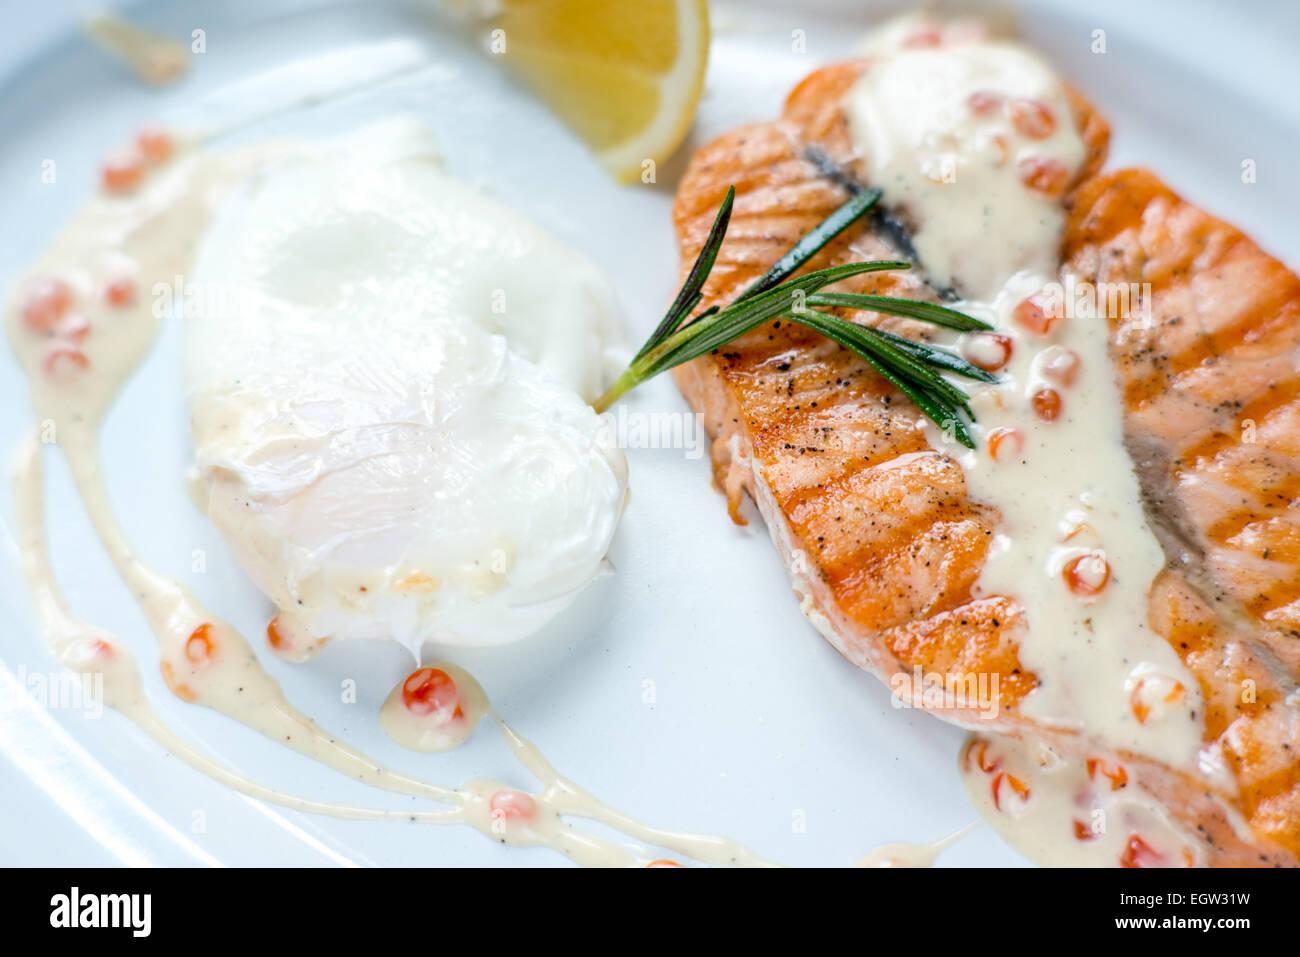 Reastaurant sea food - Stock Image